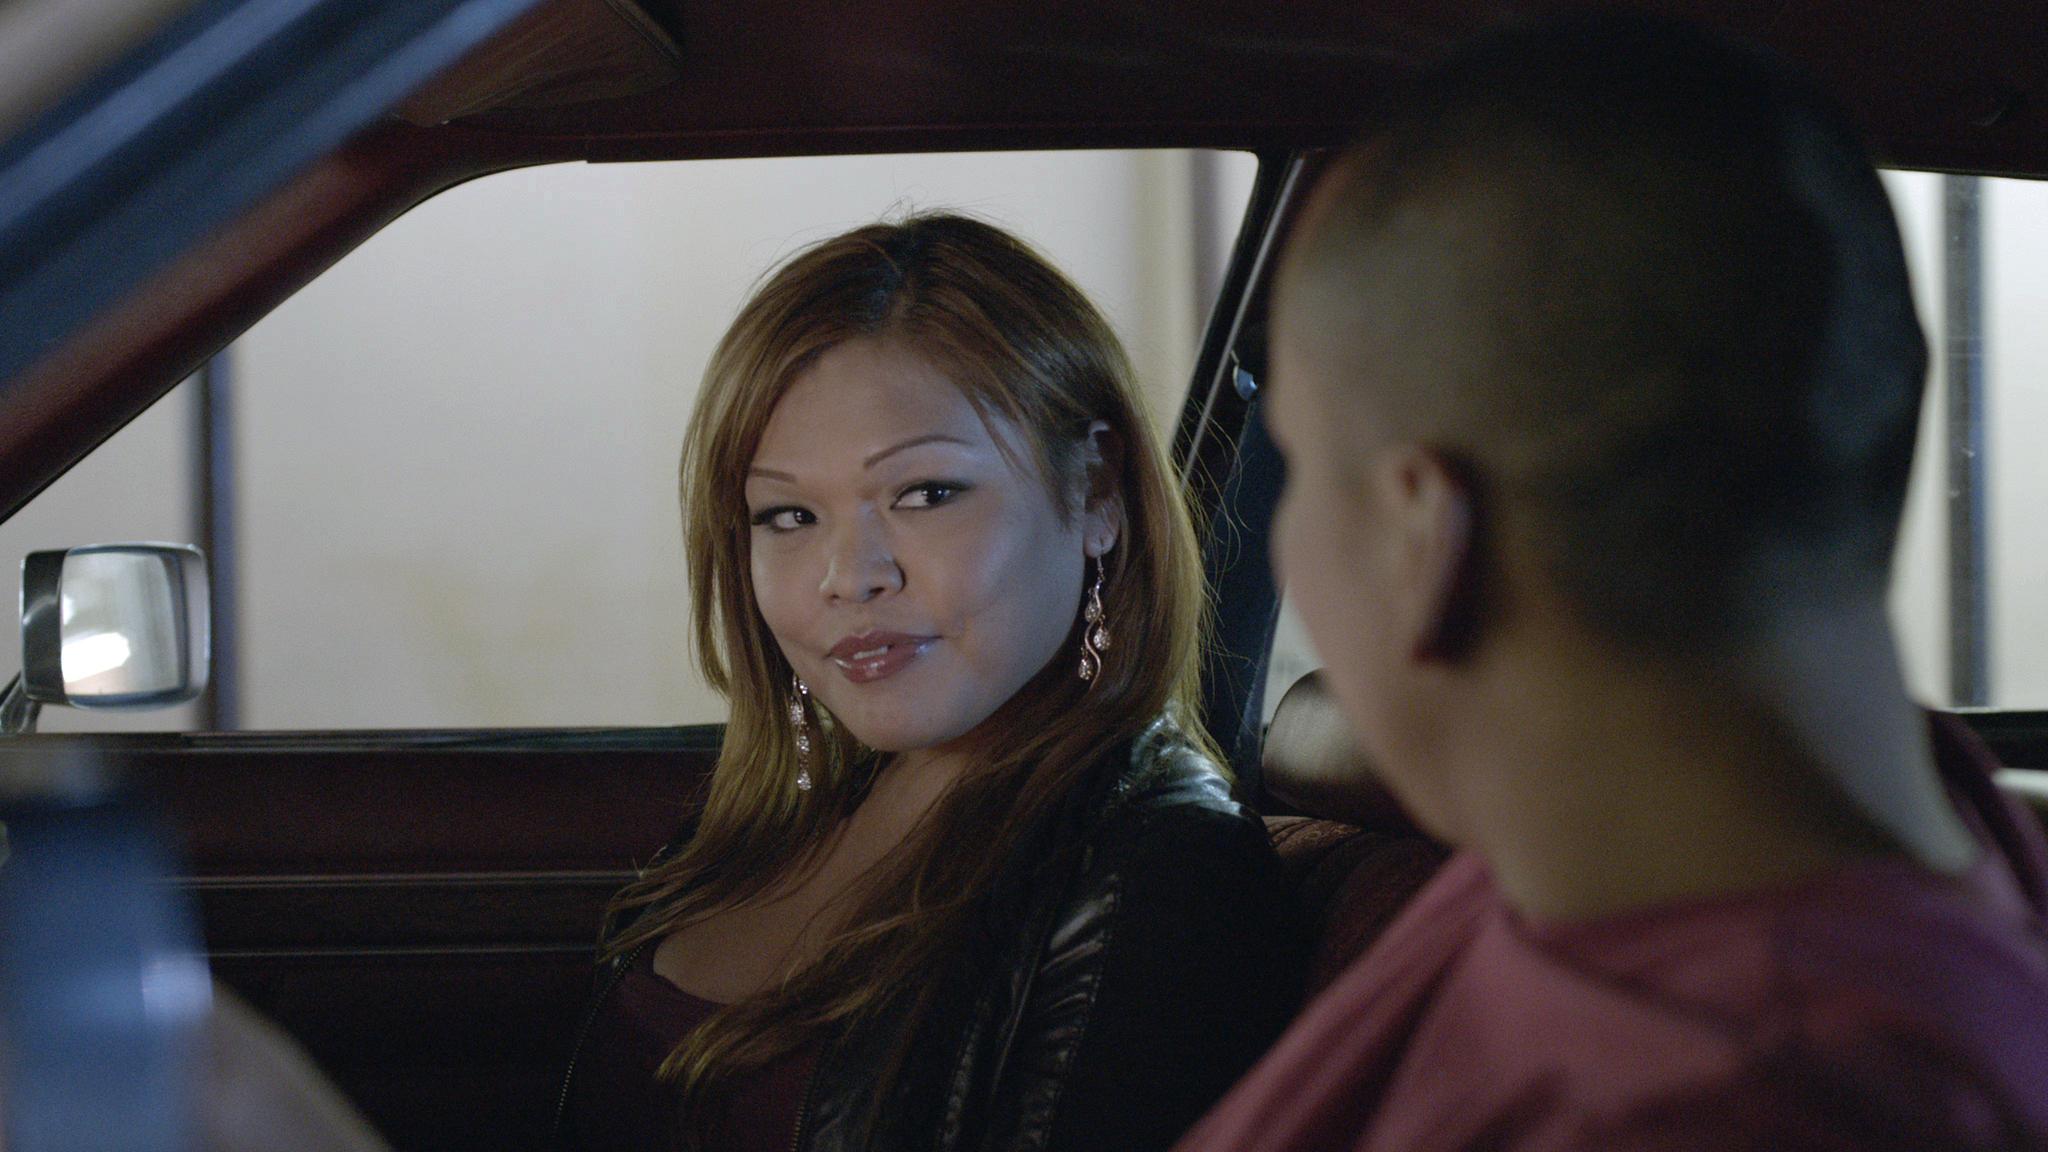 Carmen Moore as Felixia John in Drunktown's Finest